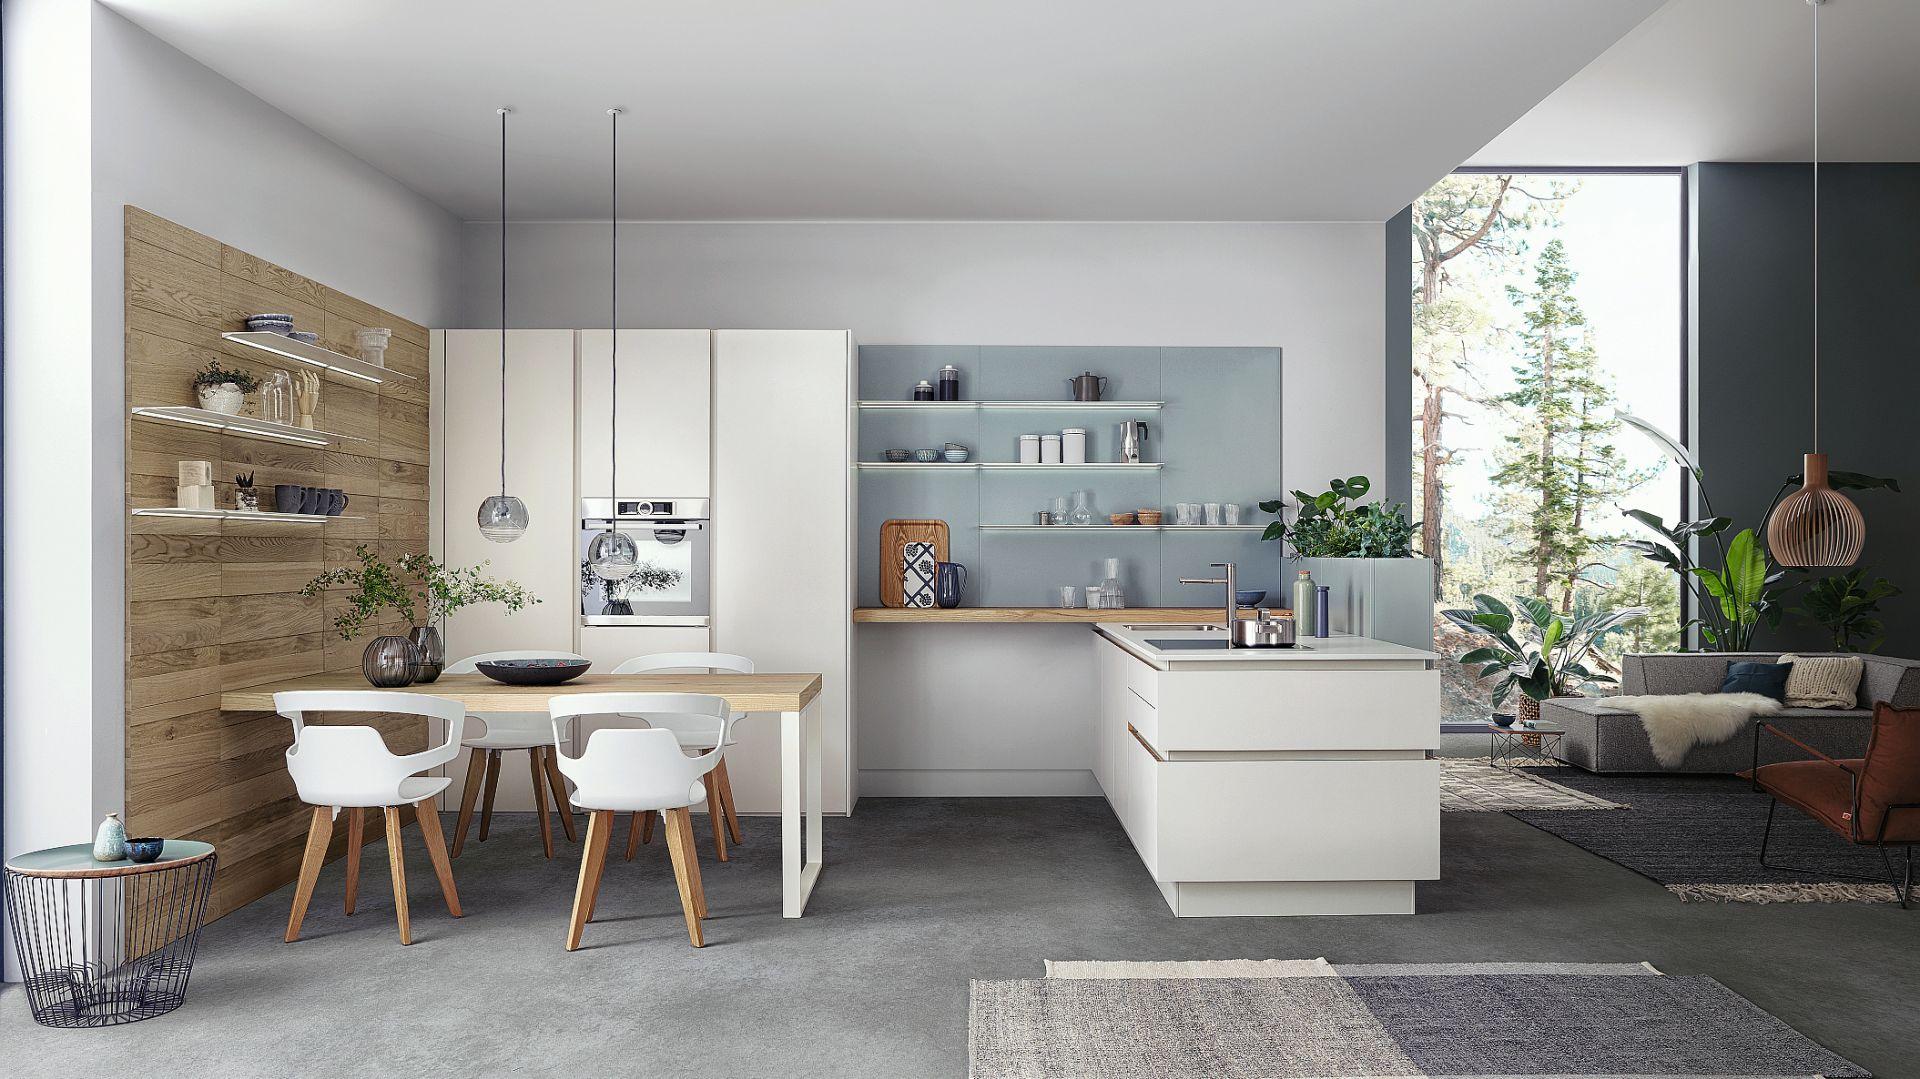 SOLID-C | VALAIS | CLASSIC-FS - kuchnia w kolorze białym zapewnia poczucie ponadczasowej elegancji, przytulnego ciepła i doskonałego kunsztu. Nacisk położono na drobno strukturyzowane drewno, które wykorzystano na wiele różnych sposobów. Fot. Leicht